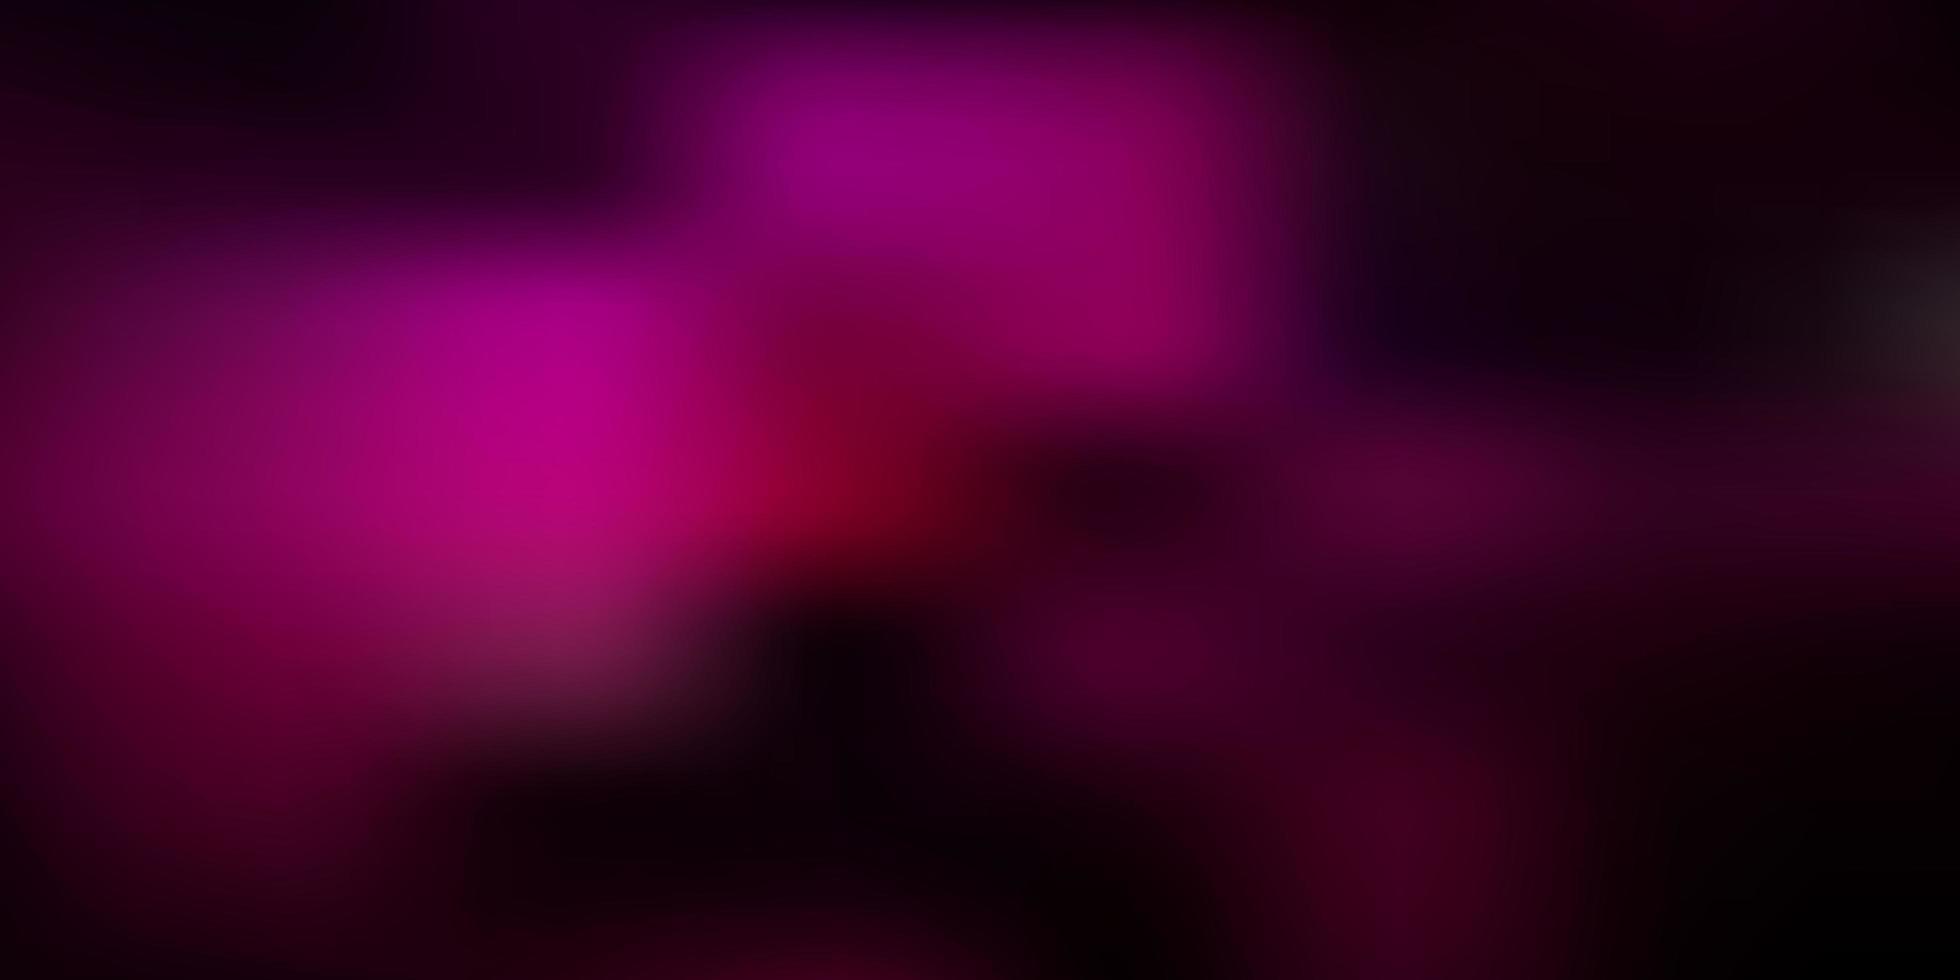 trama di sfocatura astratta vettoriale rosa scuro.